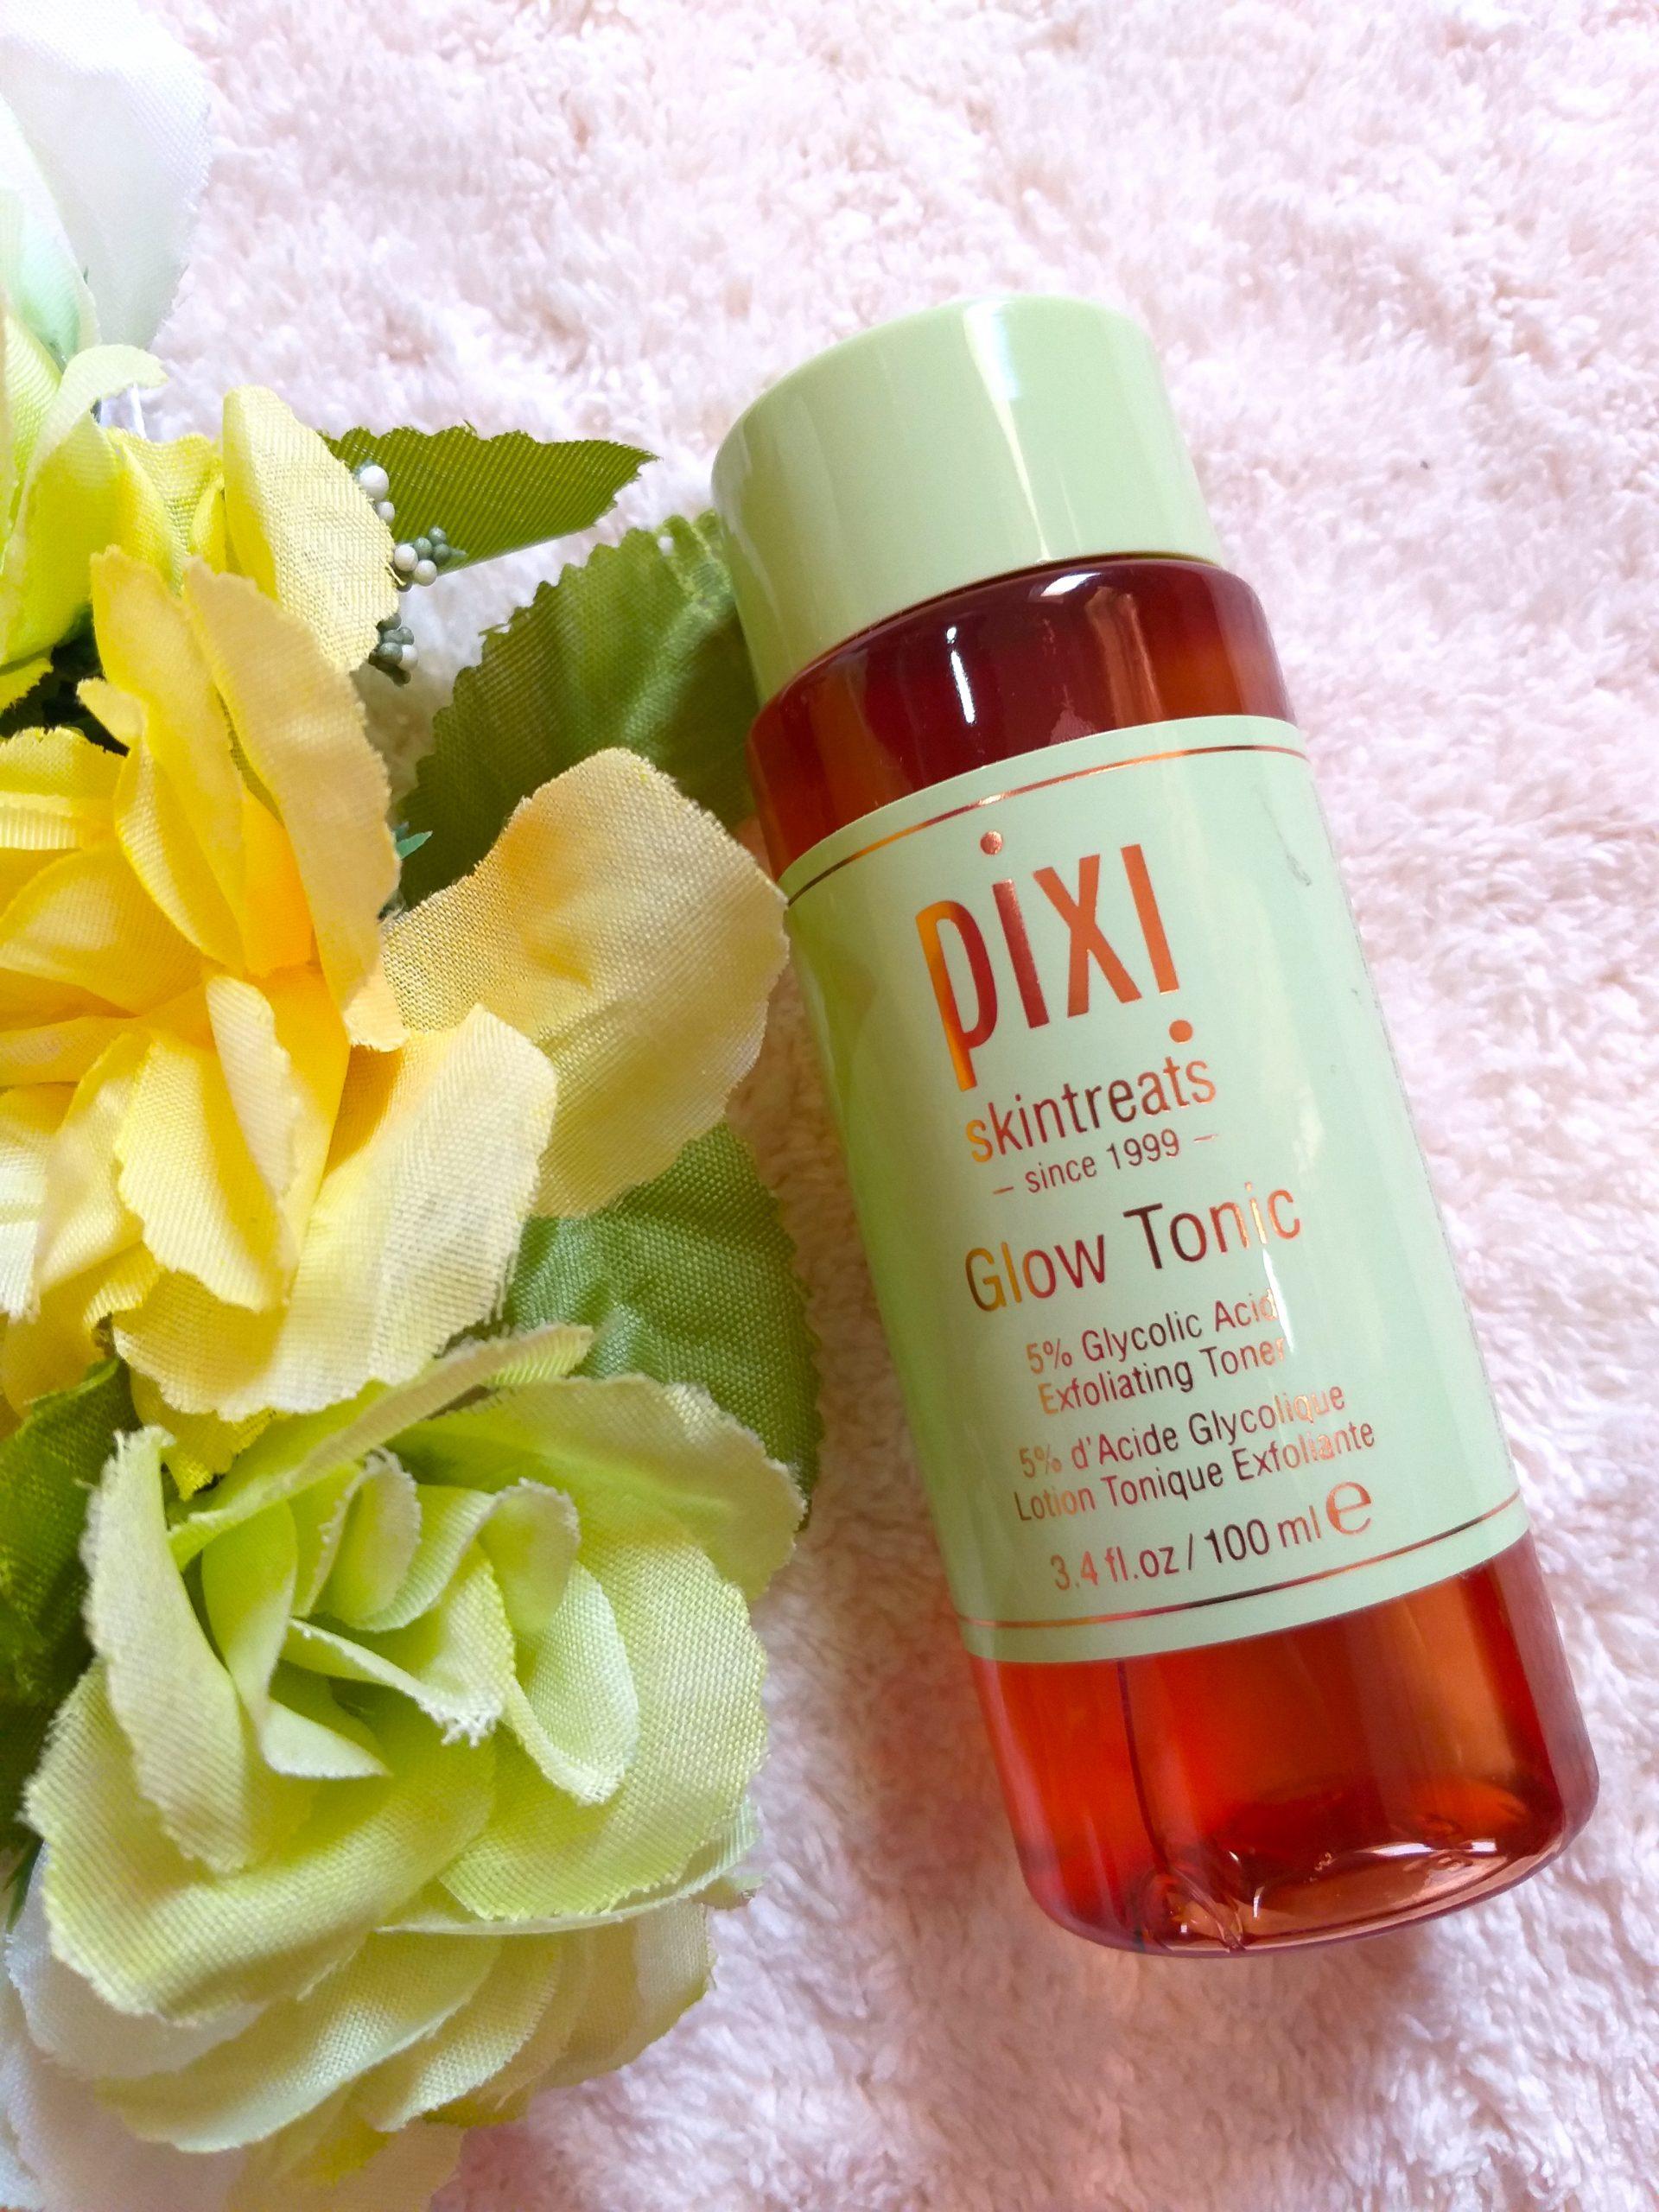 Pixi Skin Treats Glow Tonic Review Fotos PriceBe Beautilicious 1